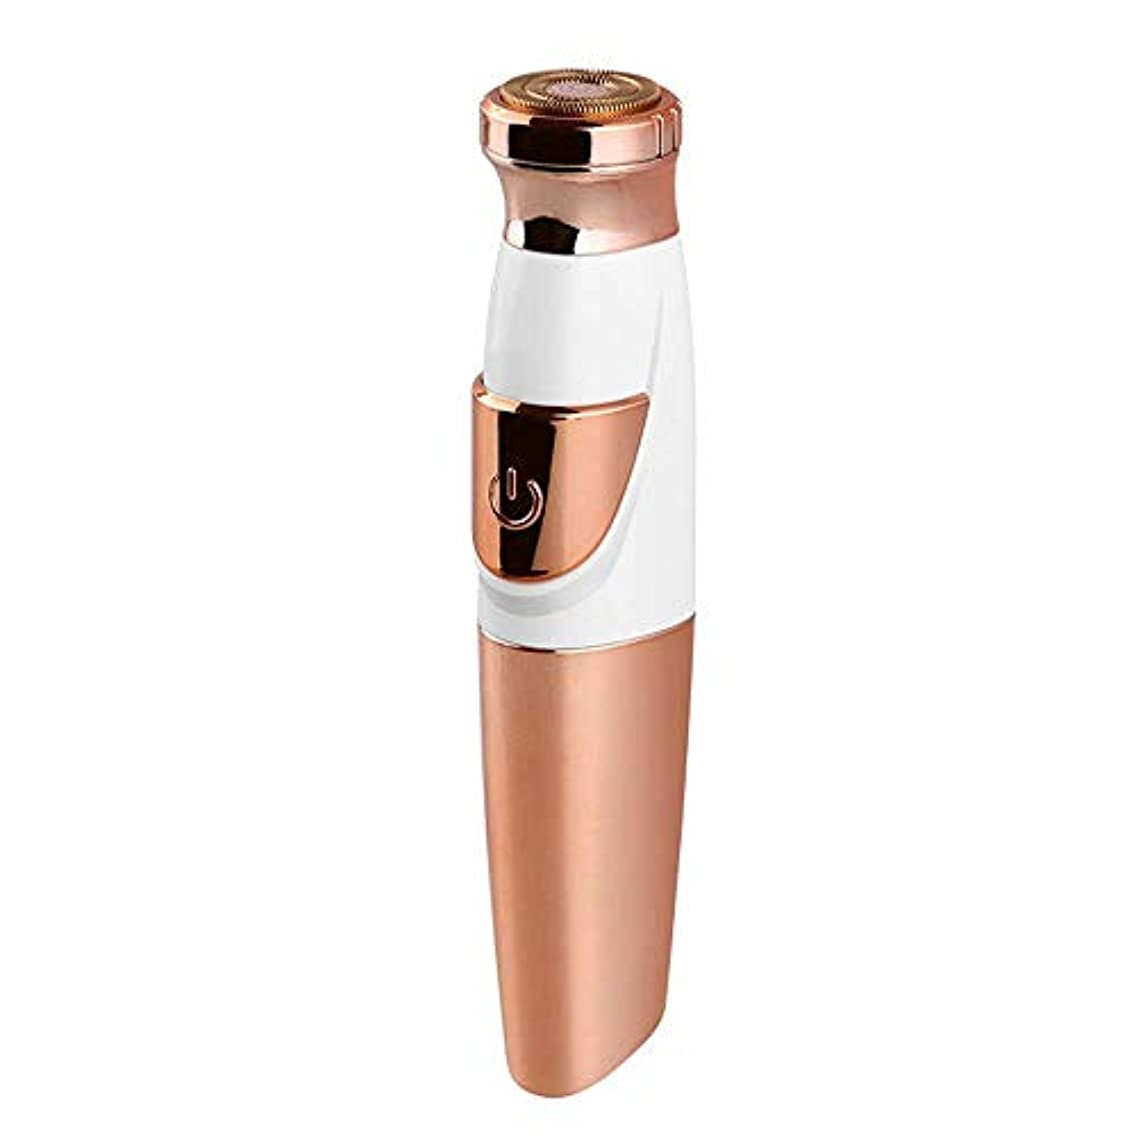 もちろんコークスバイパス女性のためのひげリムーバー、フェイス&ボディ・フェイシャル脱毛器のバッテリーのための完璧なひげトリマーが含まれています